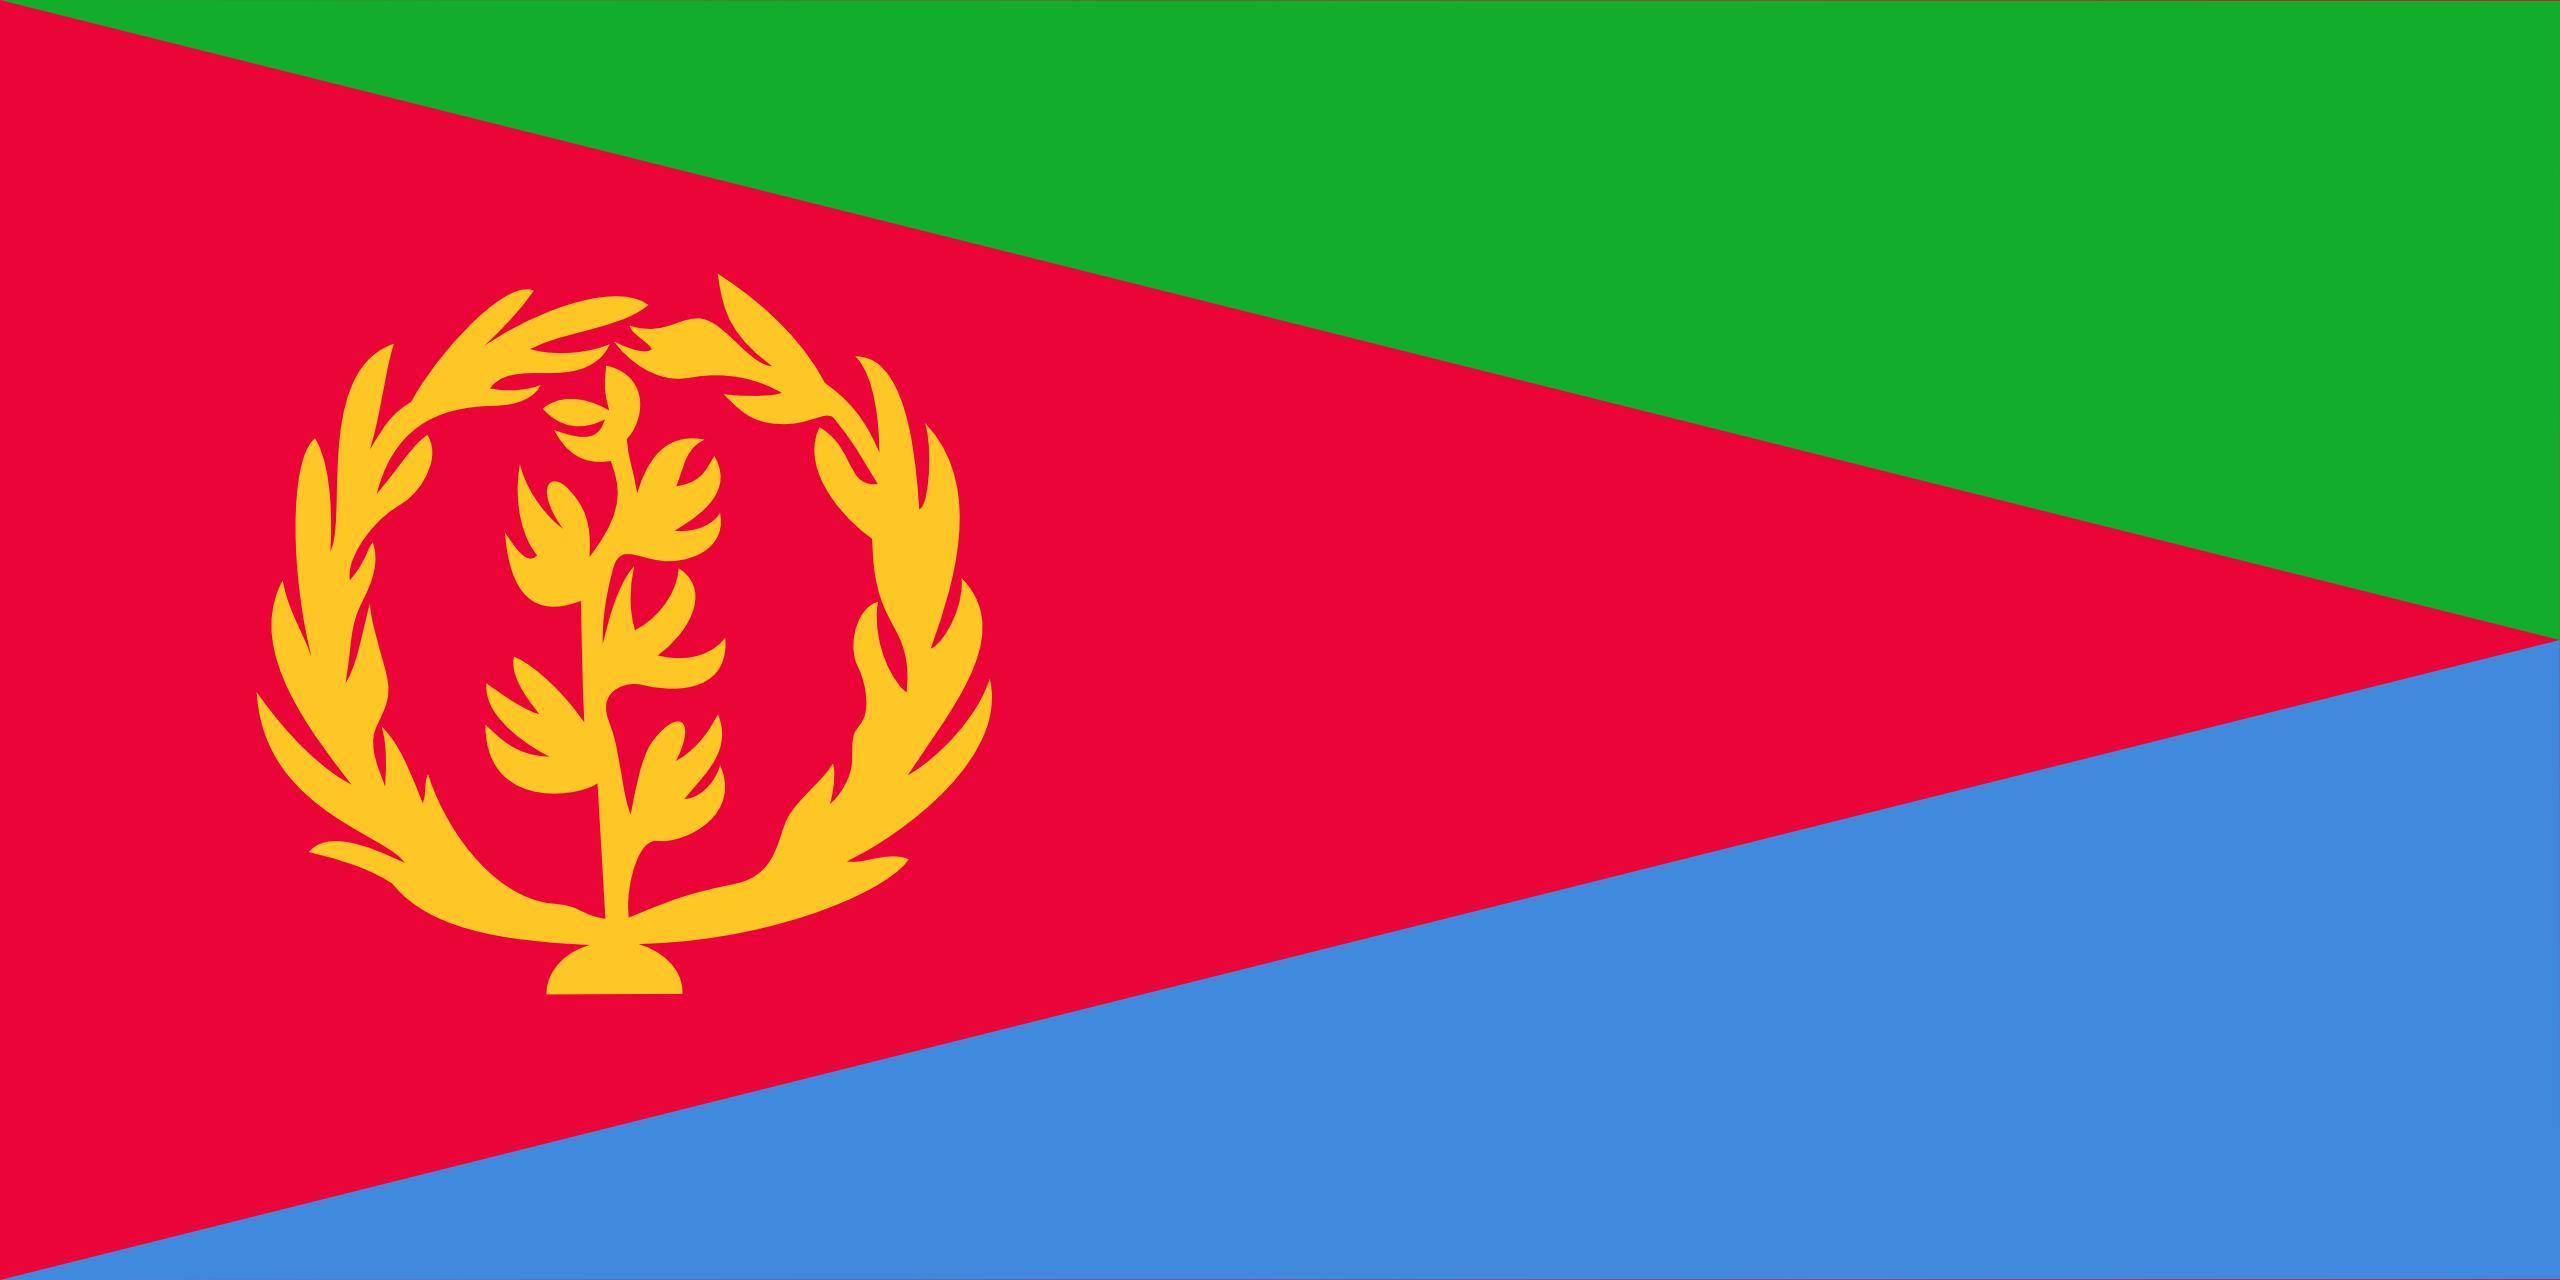 eritrea, país, emblema, insignia, シンボル - HD の壁紙 - 教授-falken.com